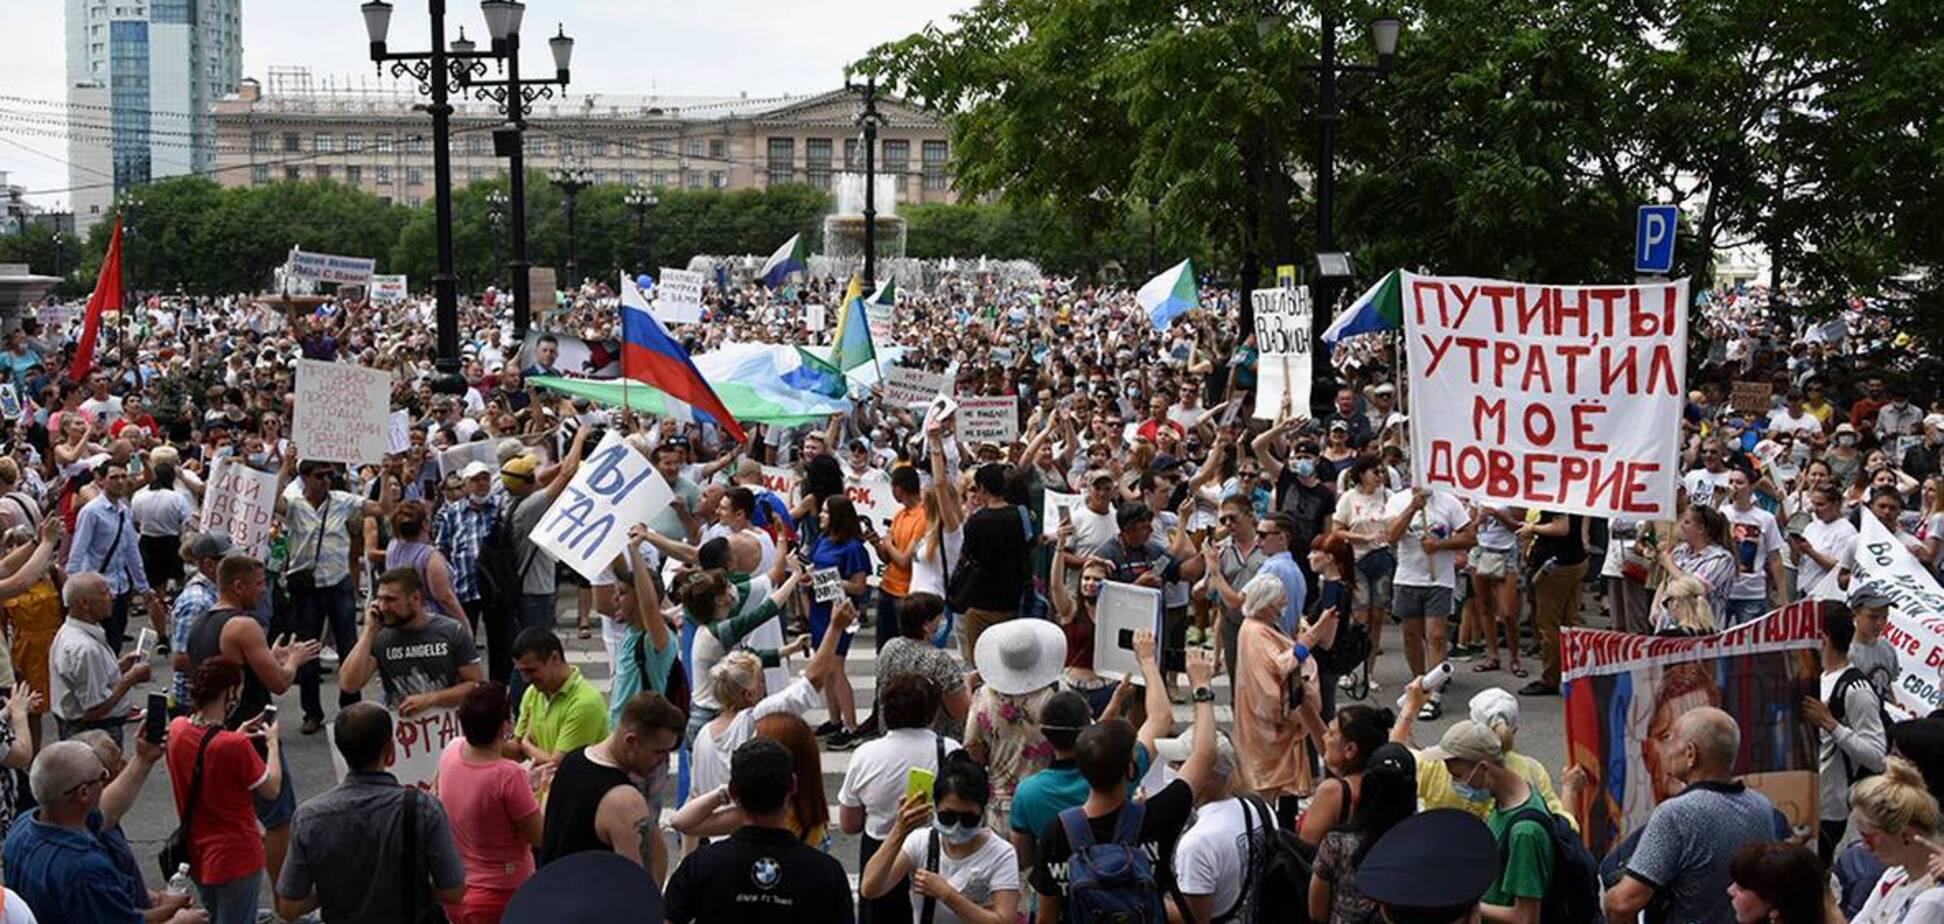 Украинцы борются за страну без совка, а россияне за что?